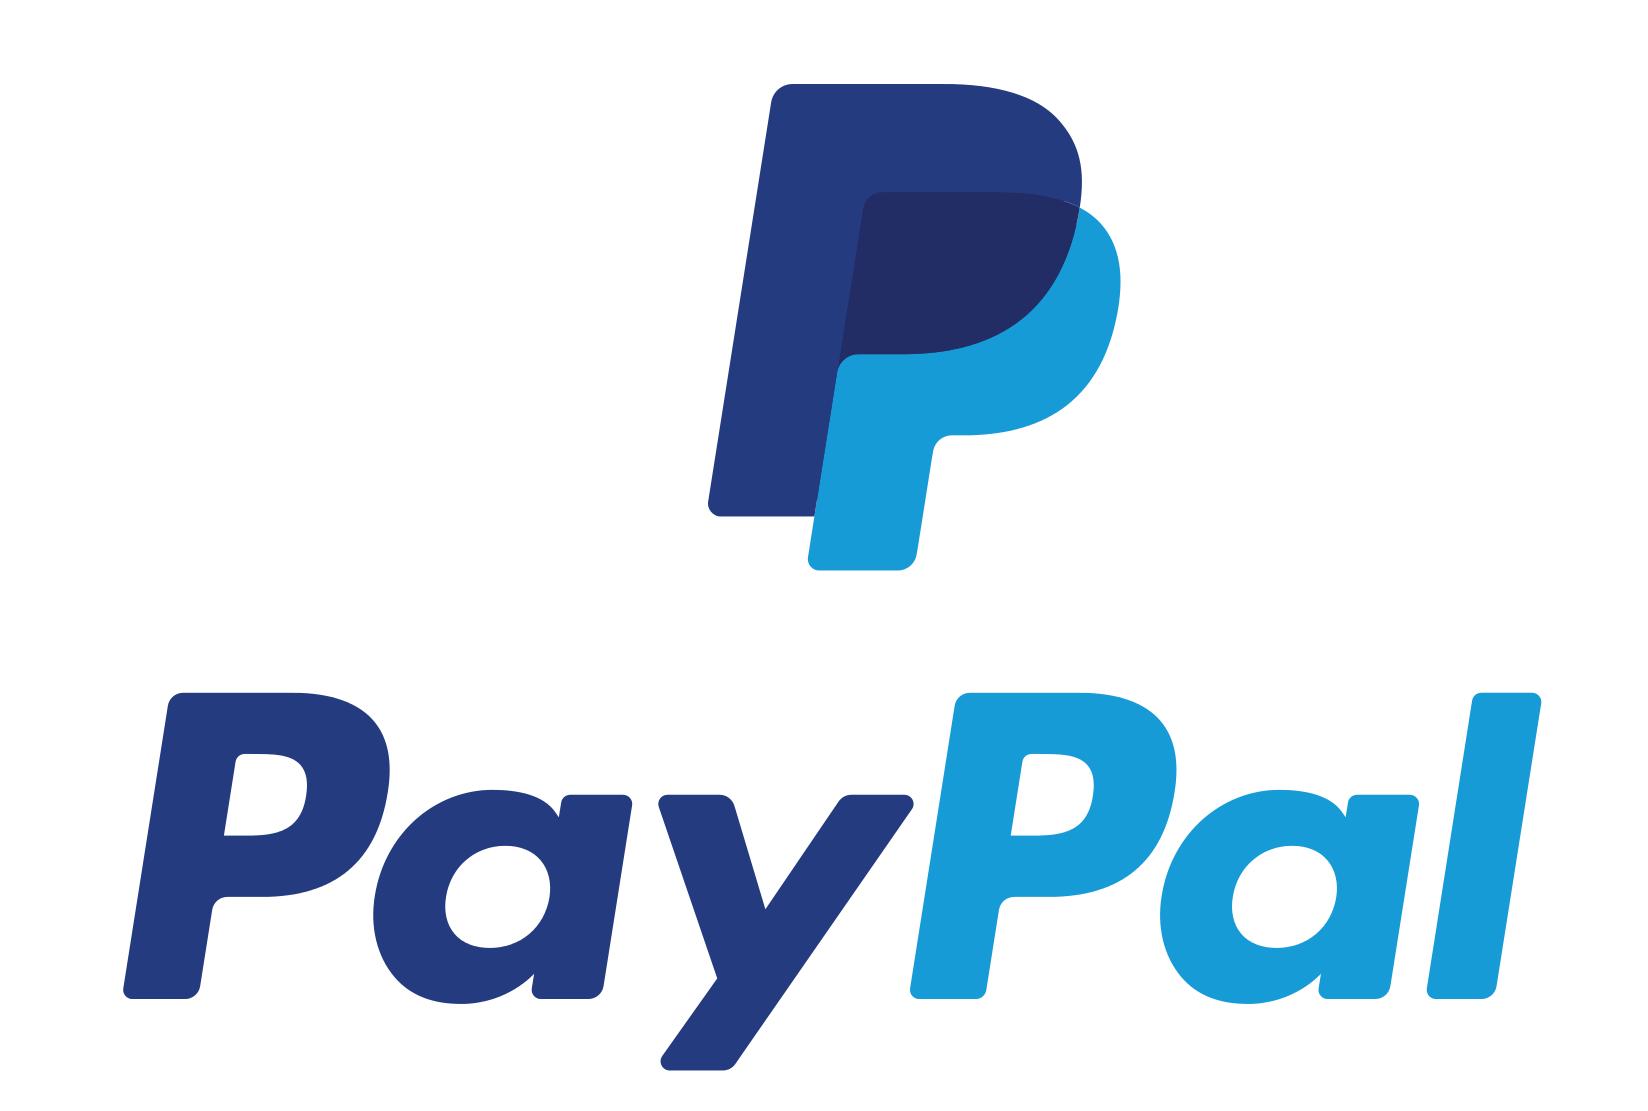 Paypal : une faille permet aux pirates de réaliser des achats frauduleux